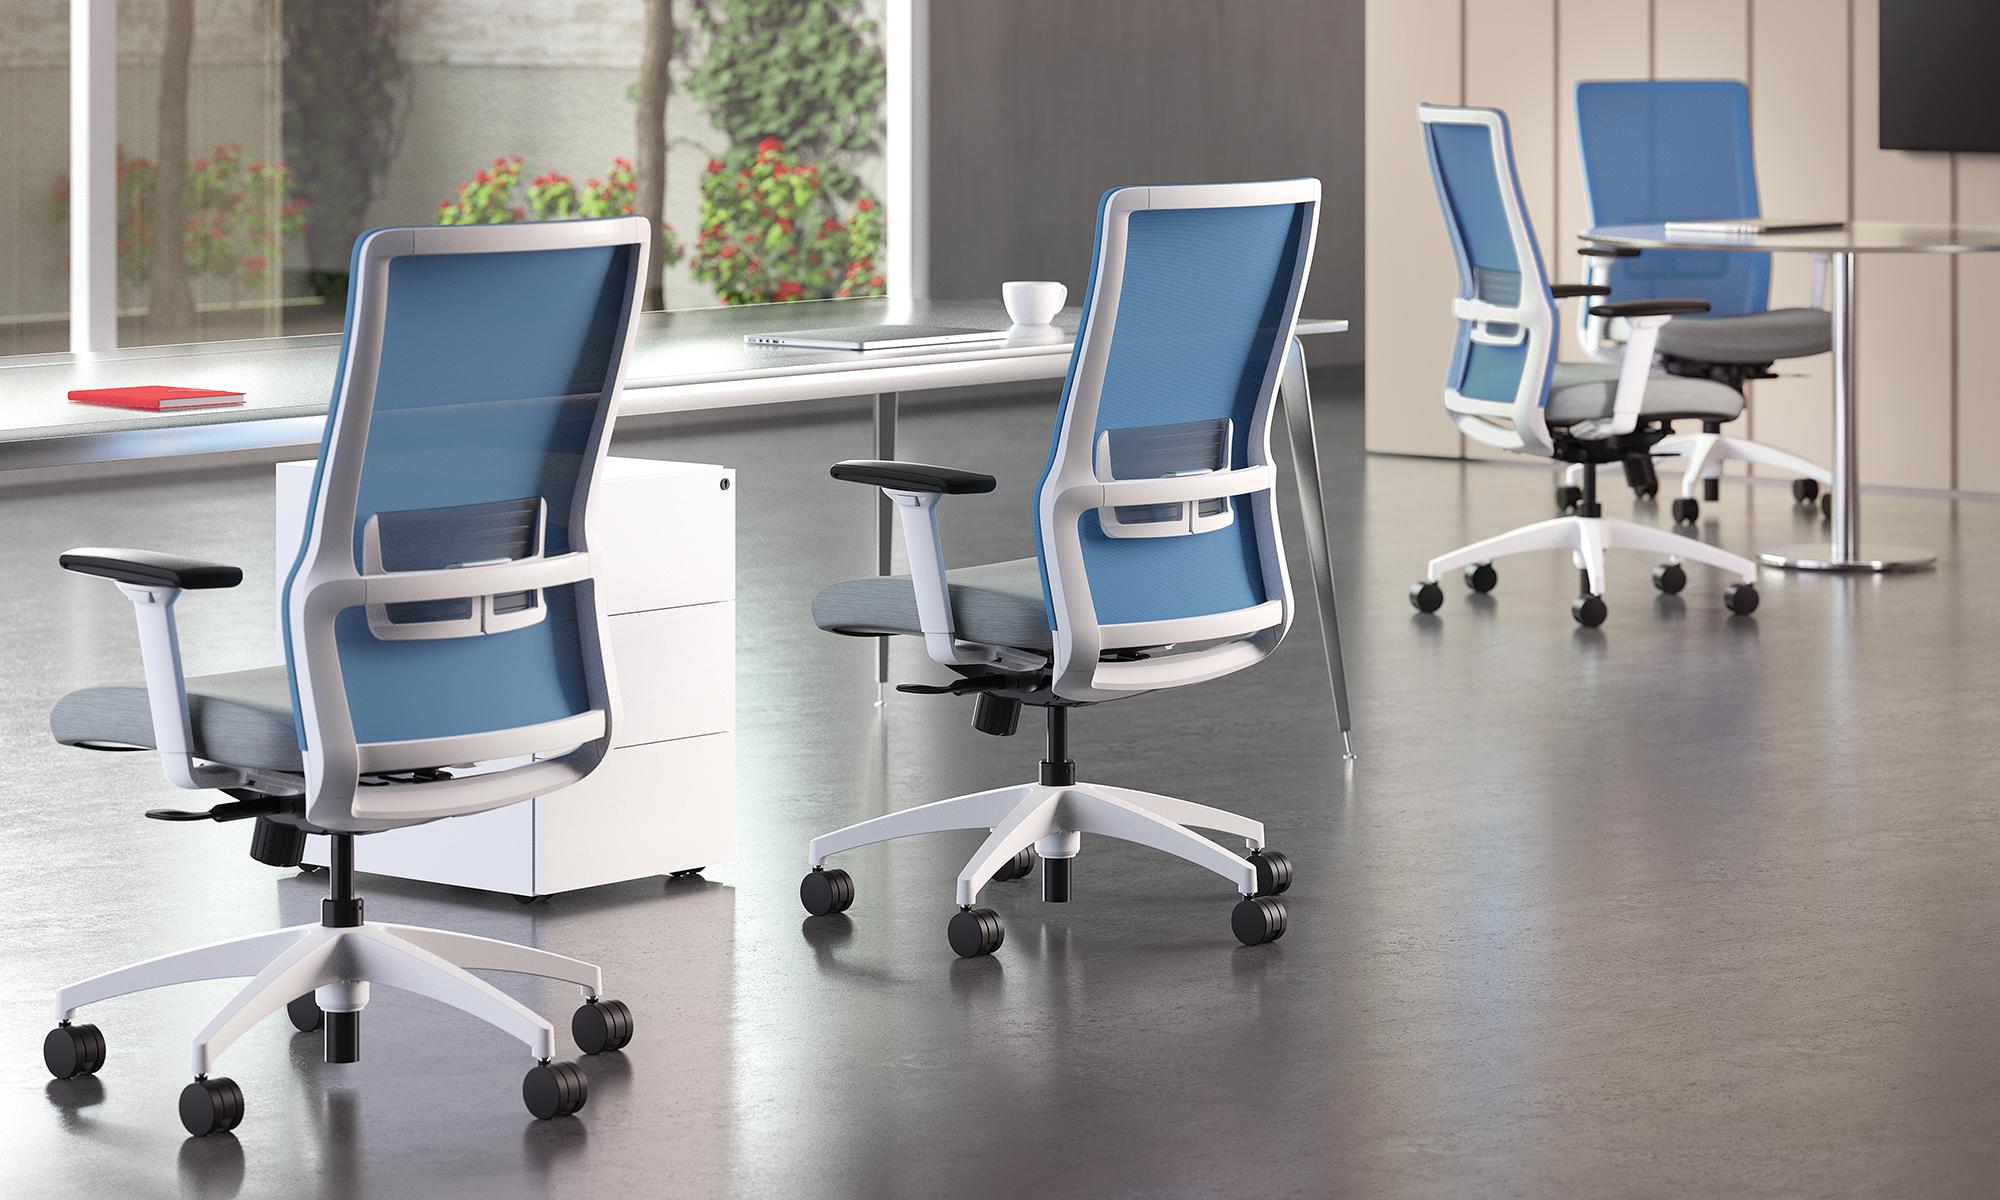 novo_collaborative_office_environment.jpg